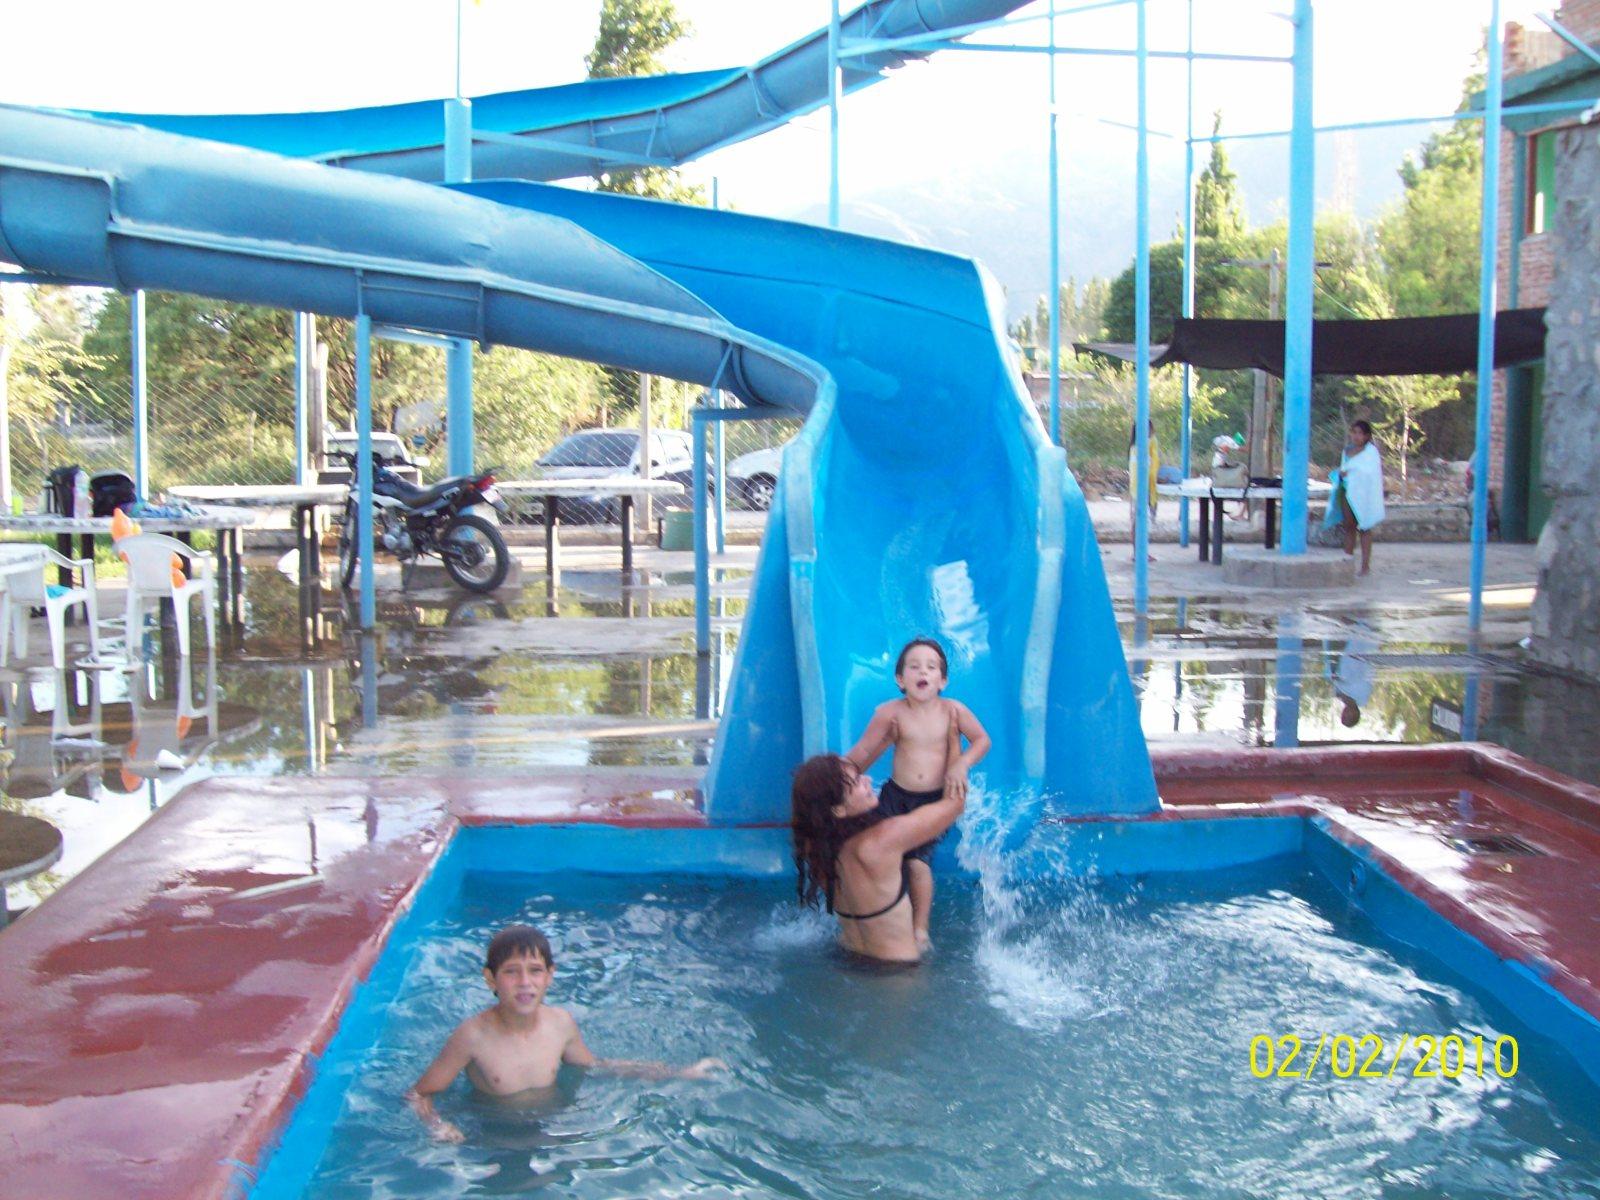 Informe Campings en Salta (Ahora con imágenes) 2iuvlh1